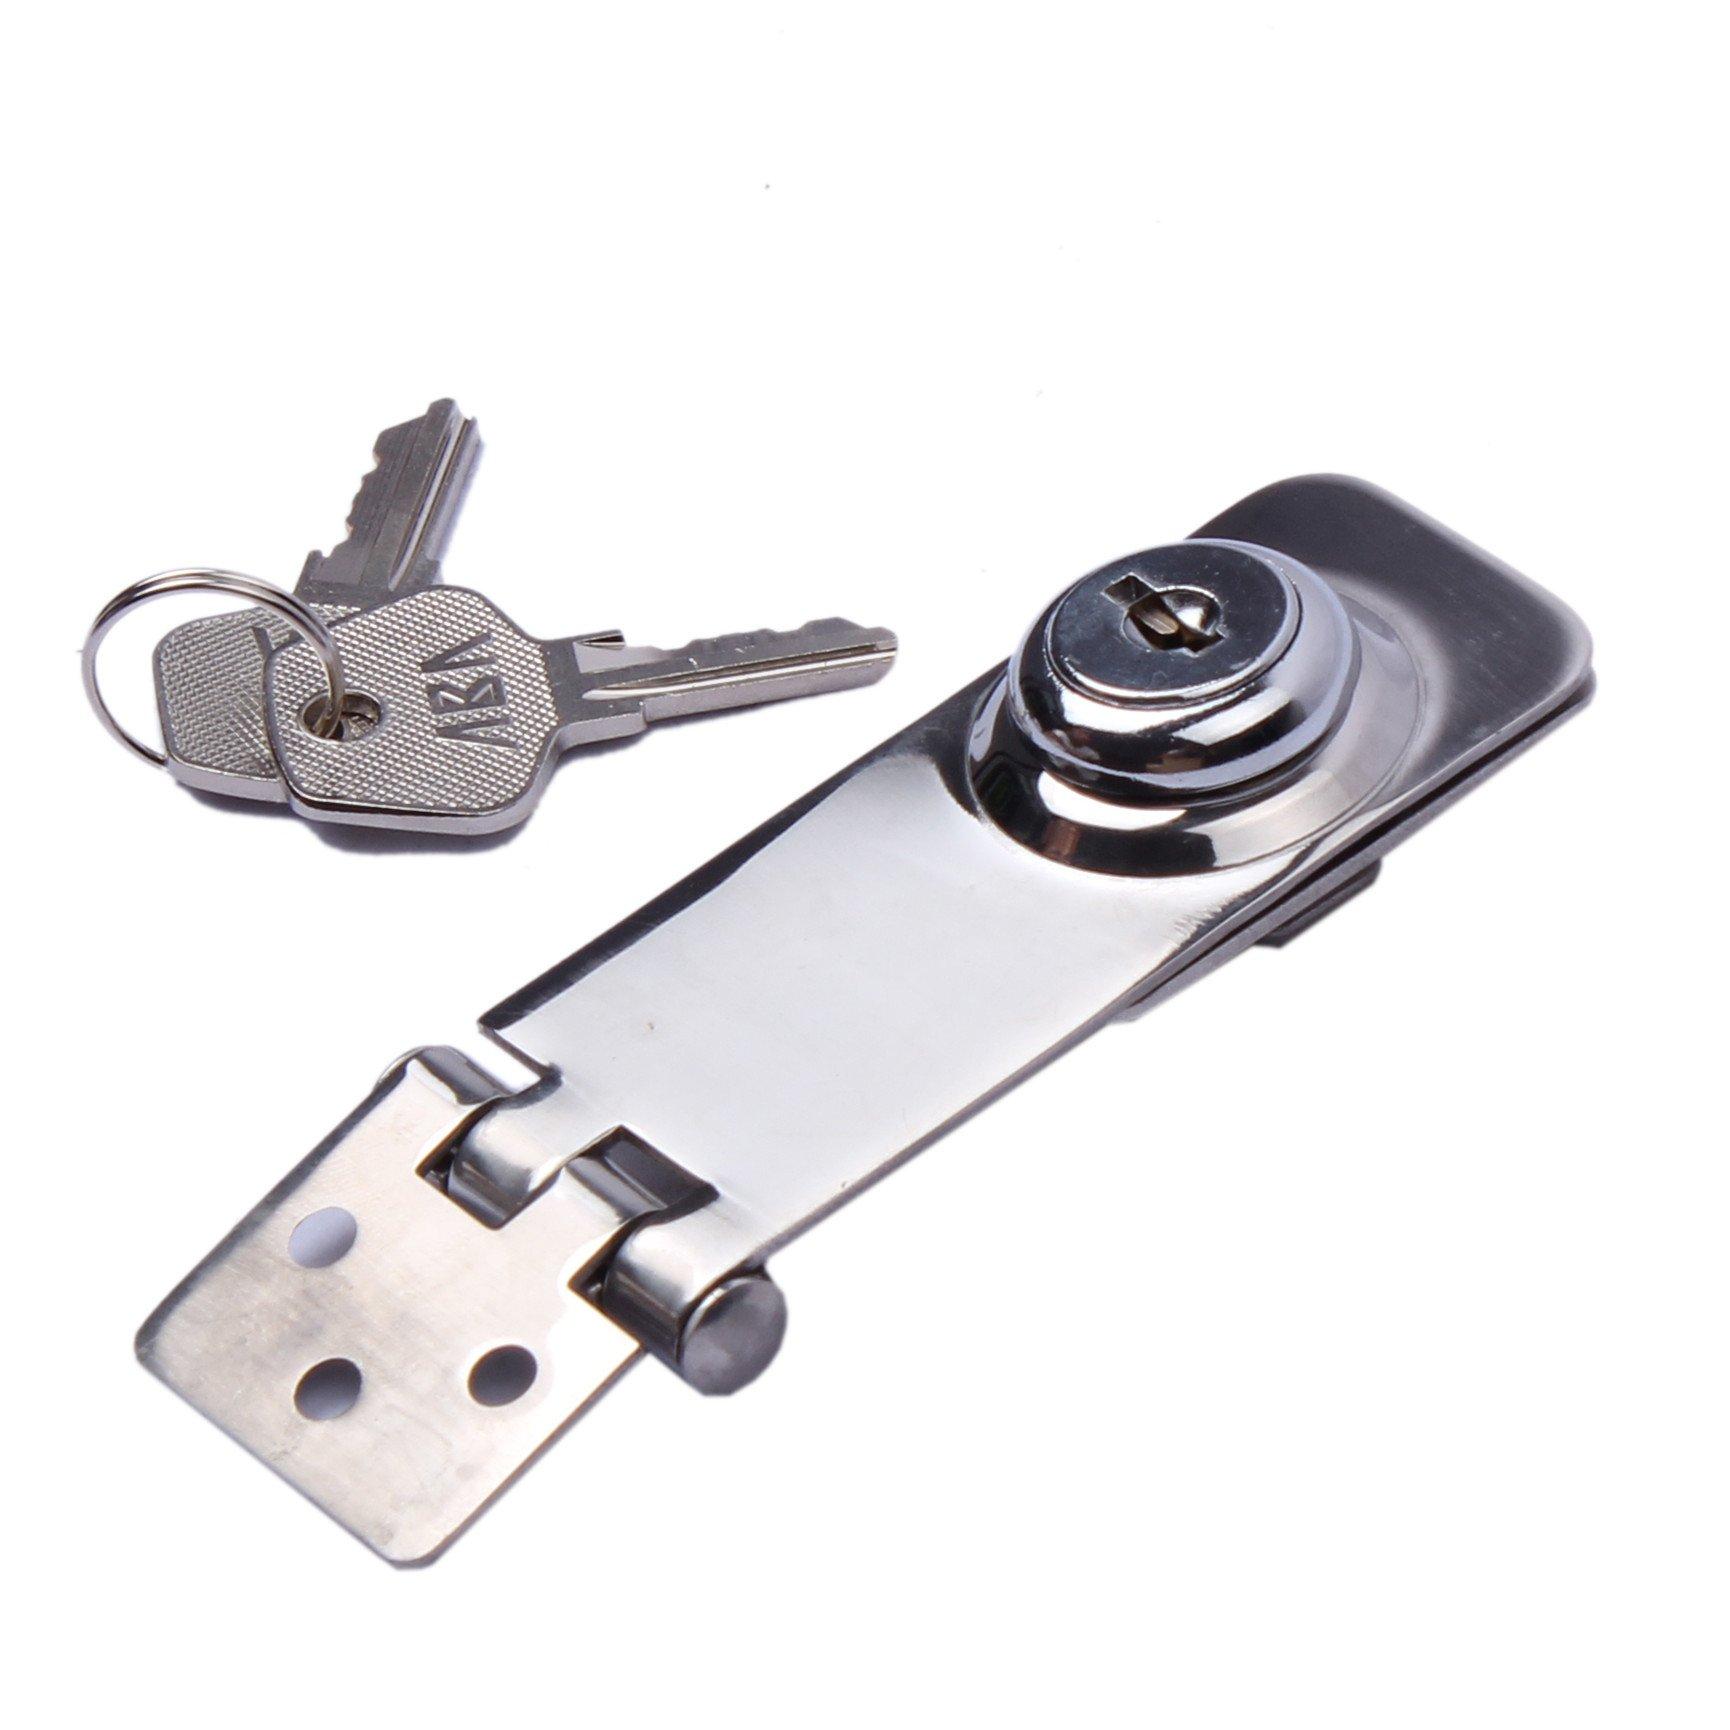 HOFFEN Key Locking Hasp 3'' 1-1/8'' Stainless Steel Twist Knob